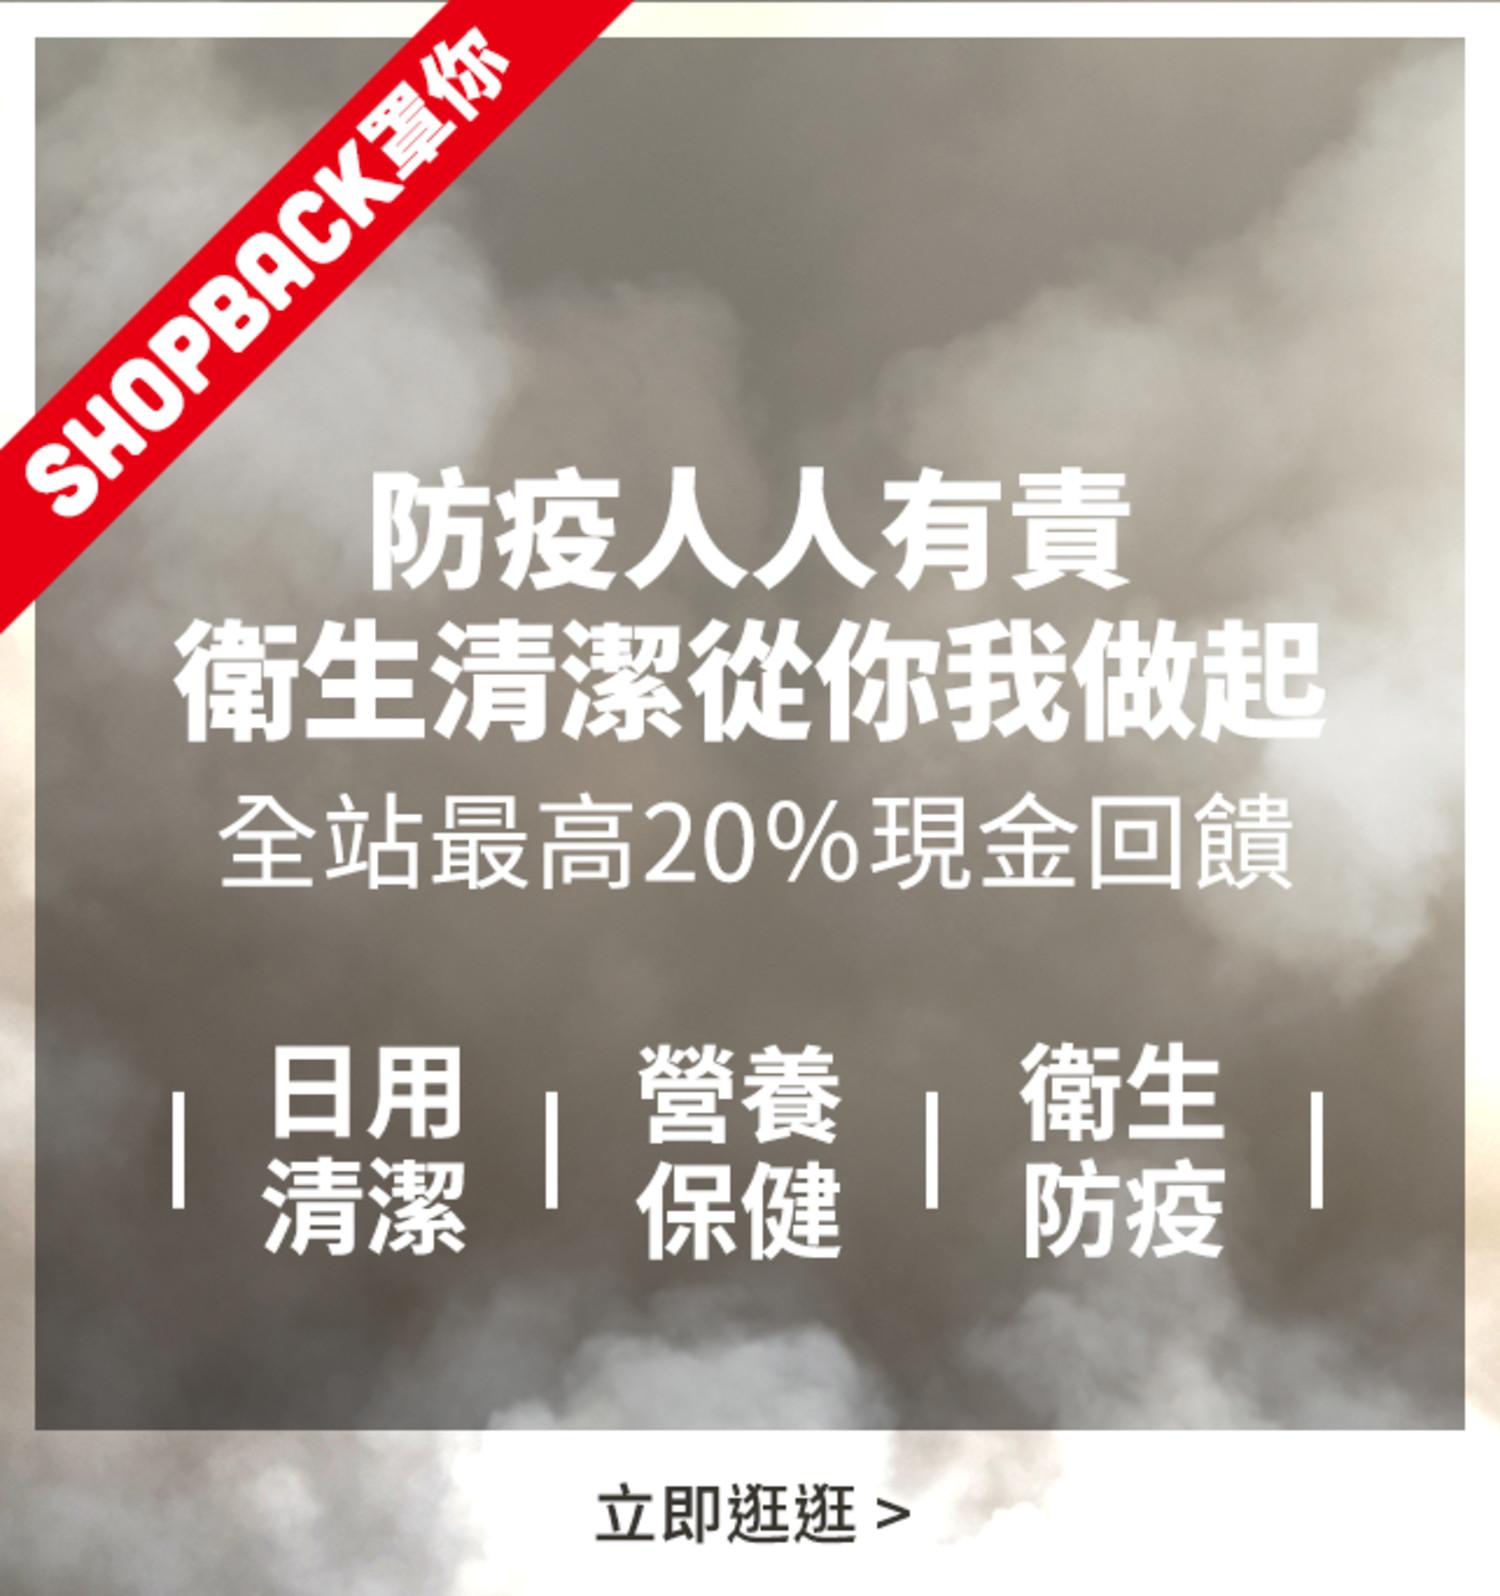 防疫Campaign